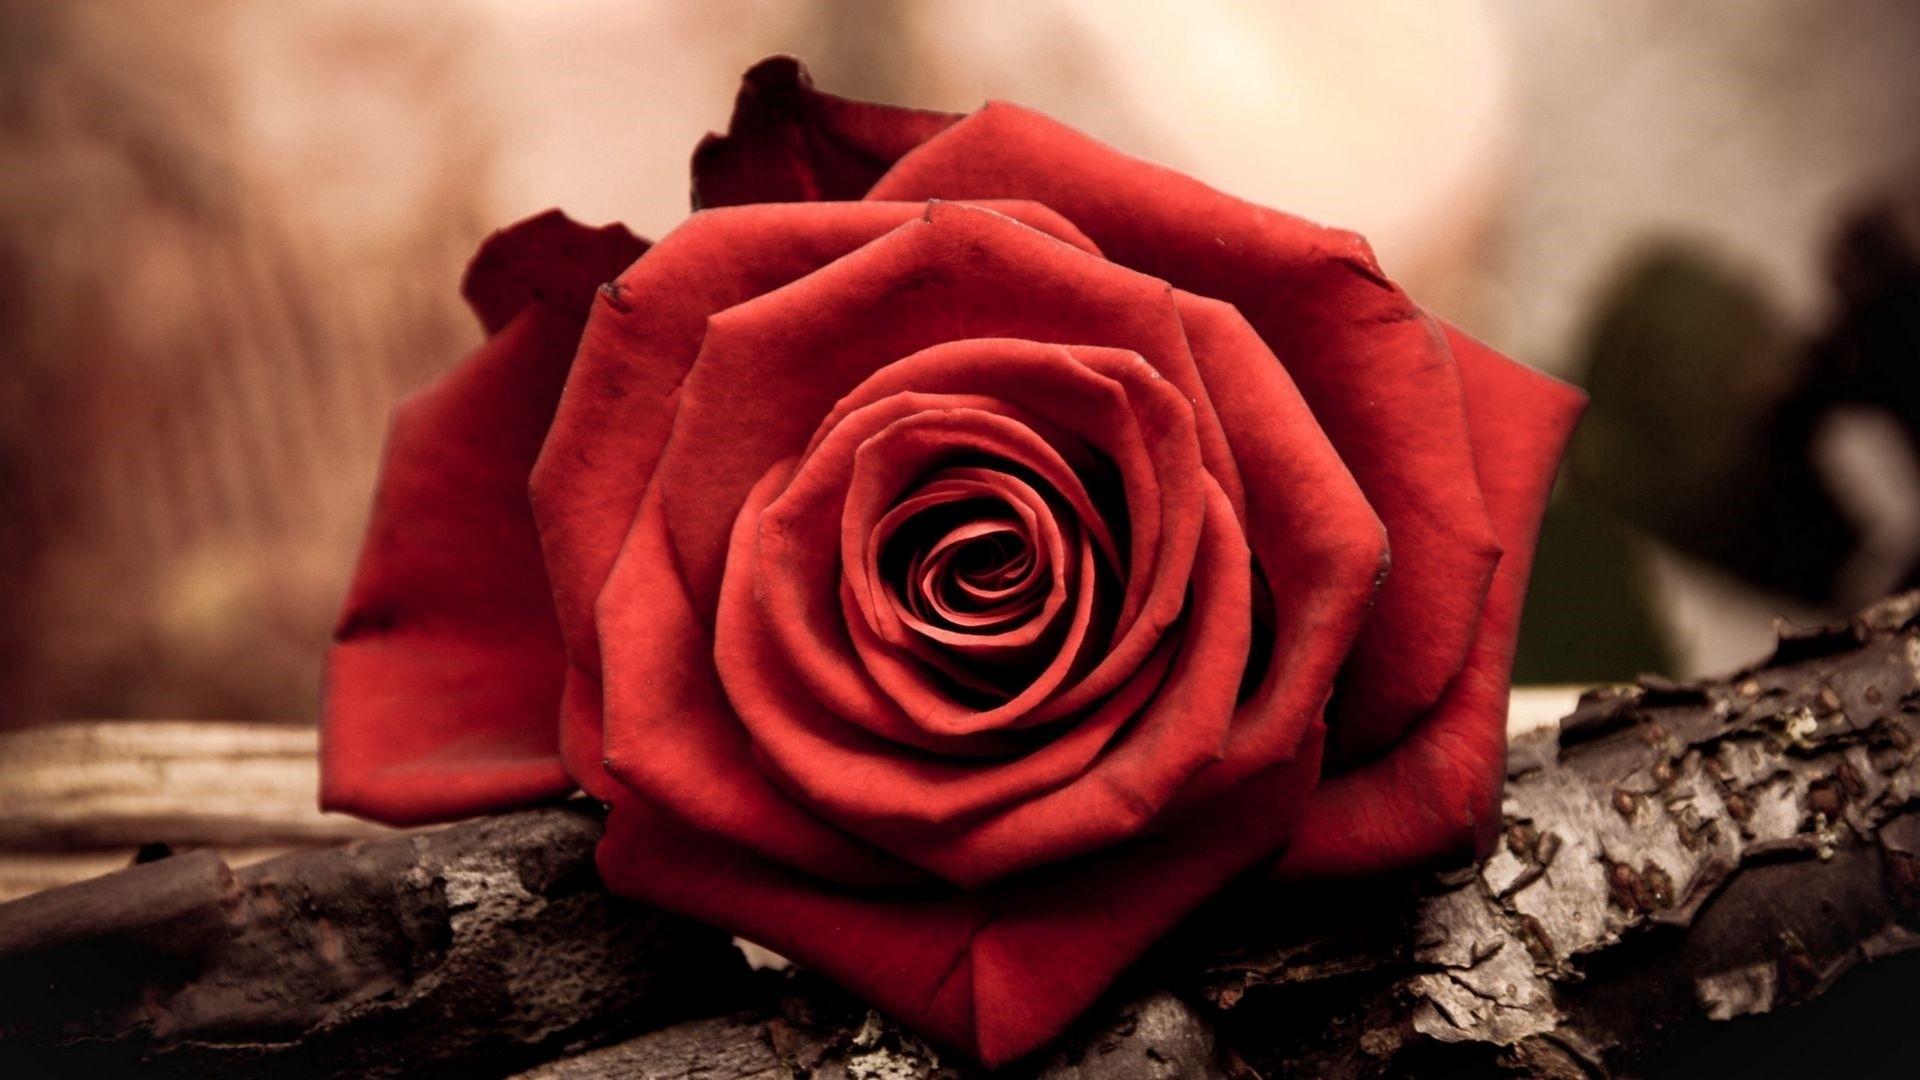 Dead Rose Pic